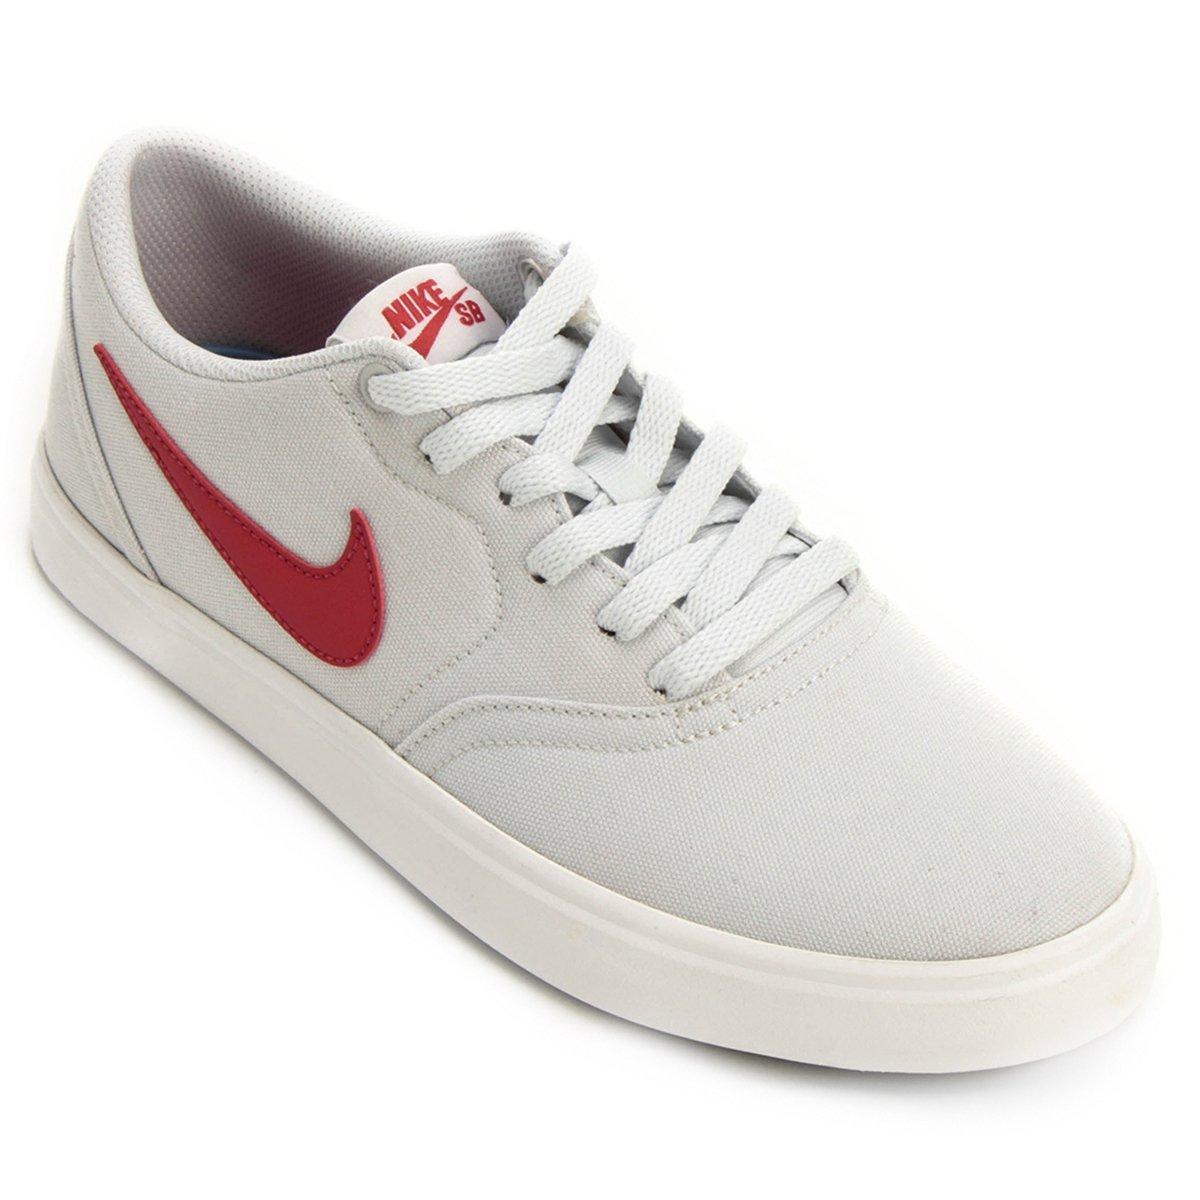 080a427a2 Tênis Nike Sb Check Solar Cnvs Masculino - Branco e Vermelho - Compre Agora